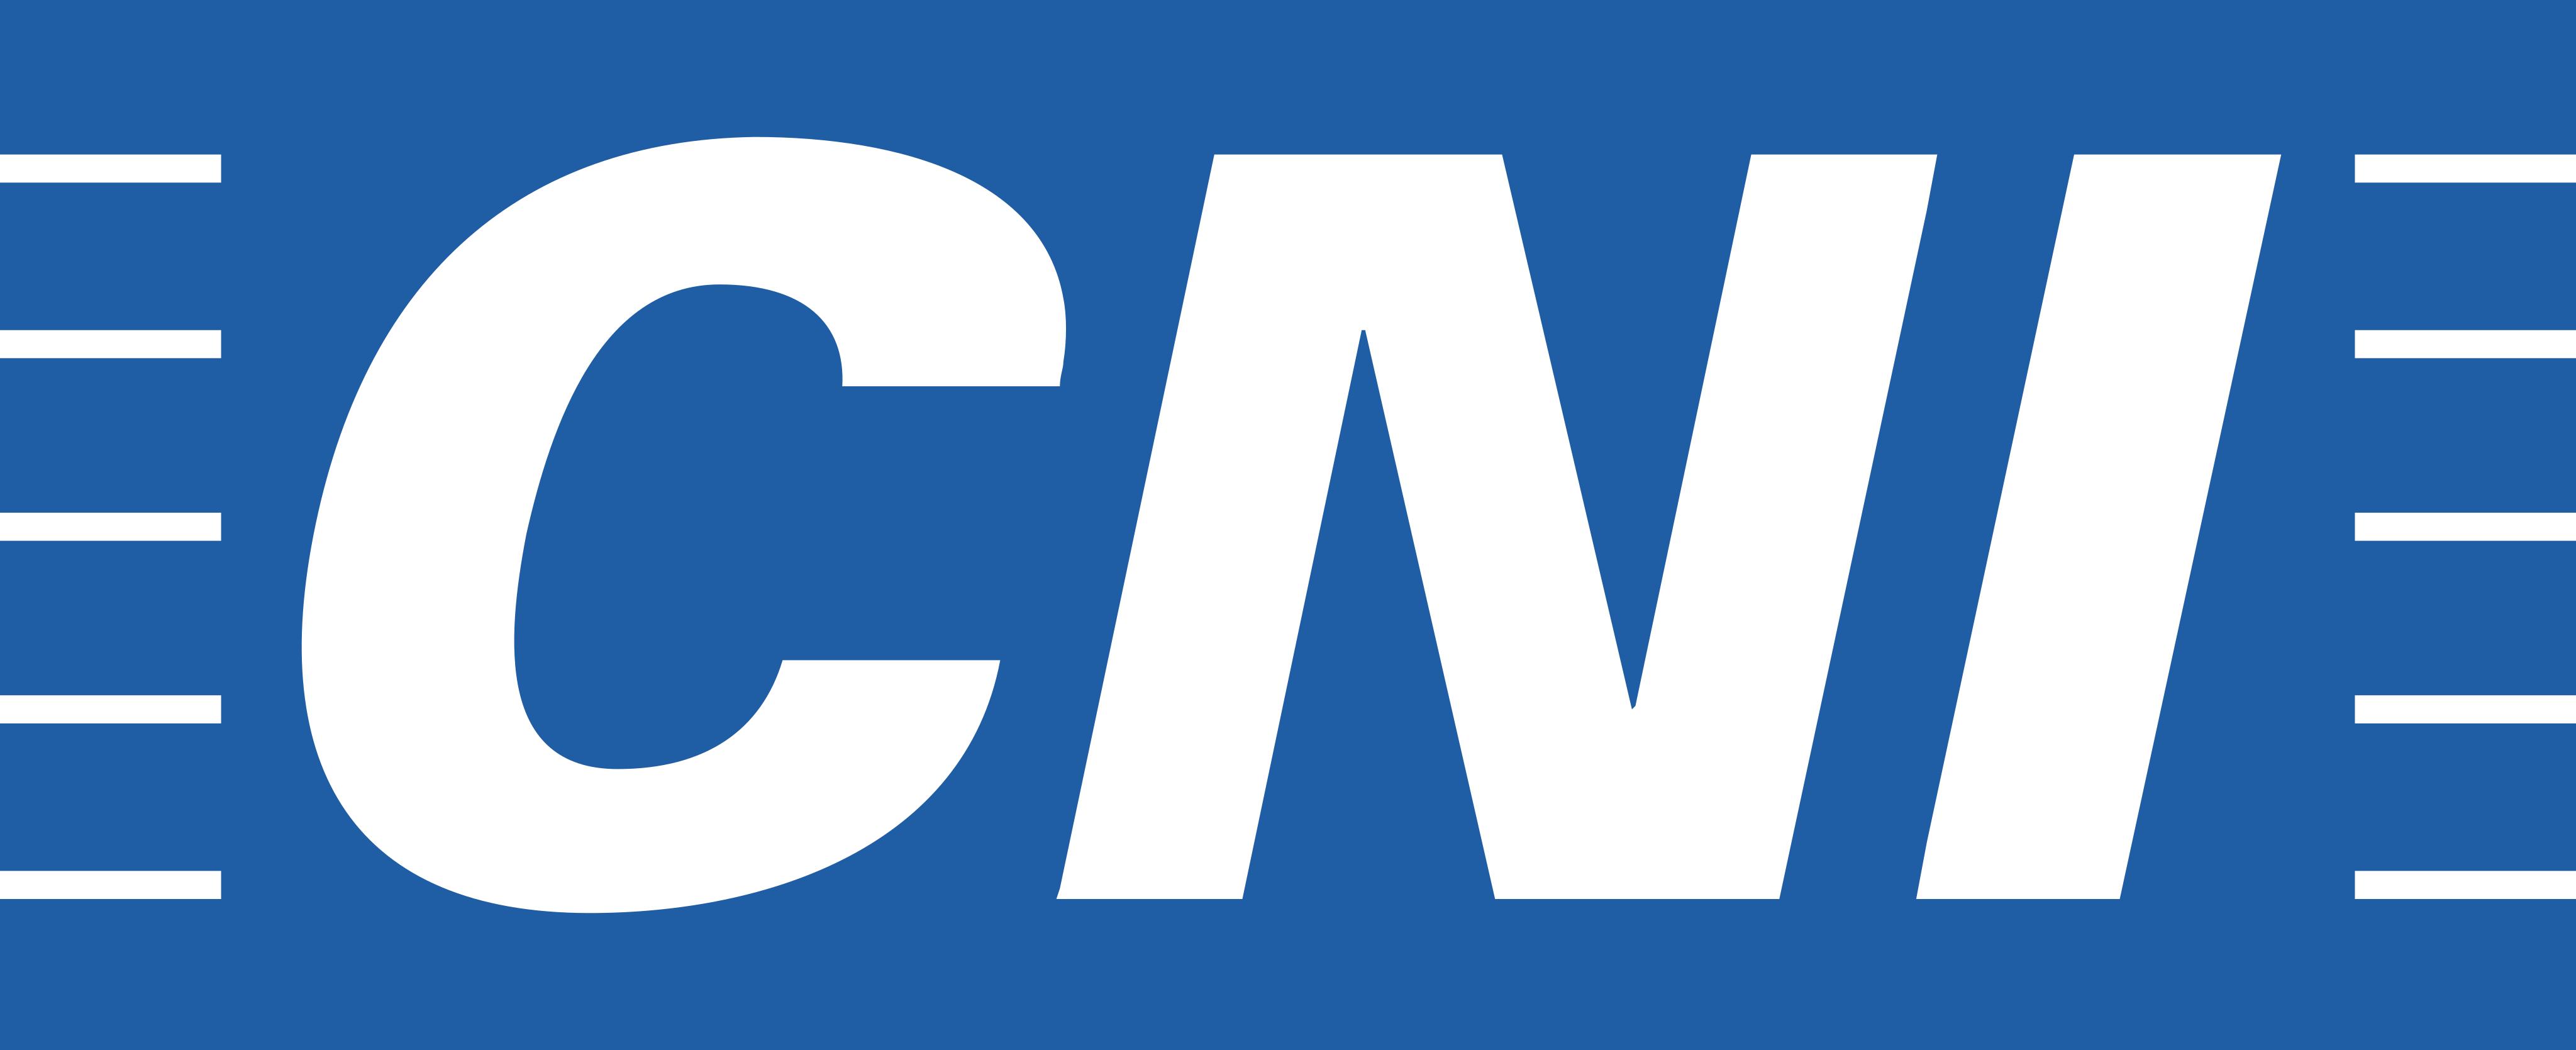 cni logo 1 - CNI Logo - Confederação Nacional da Indústria